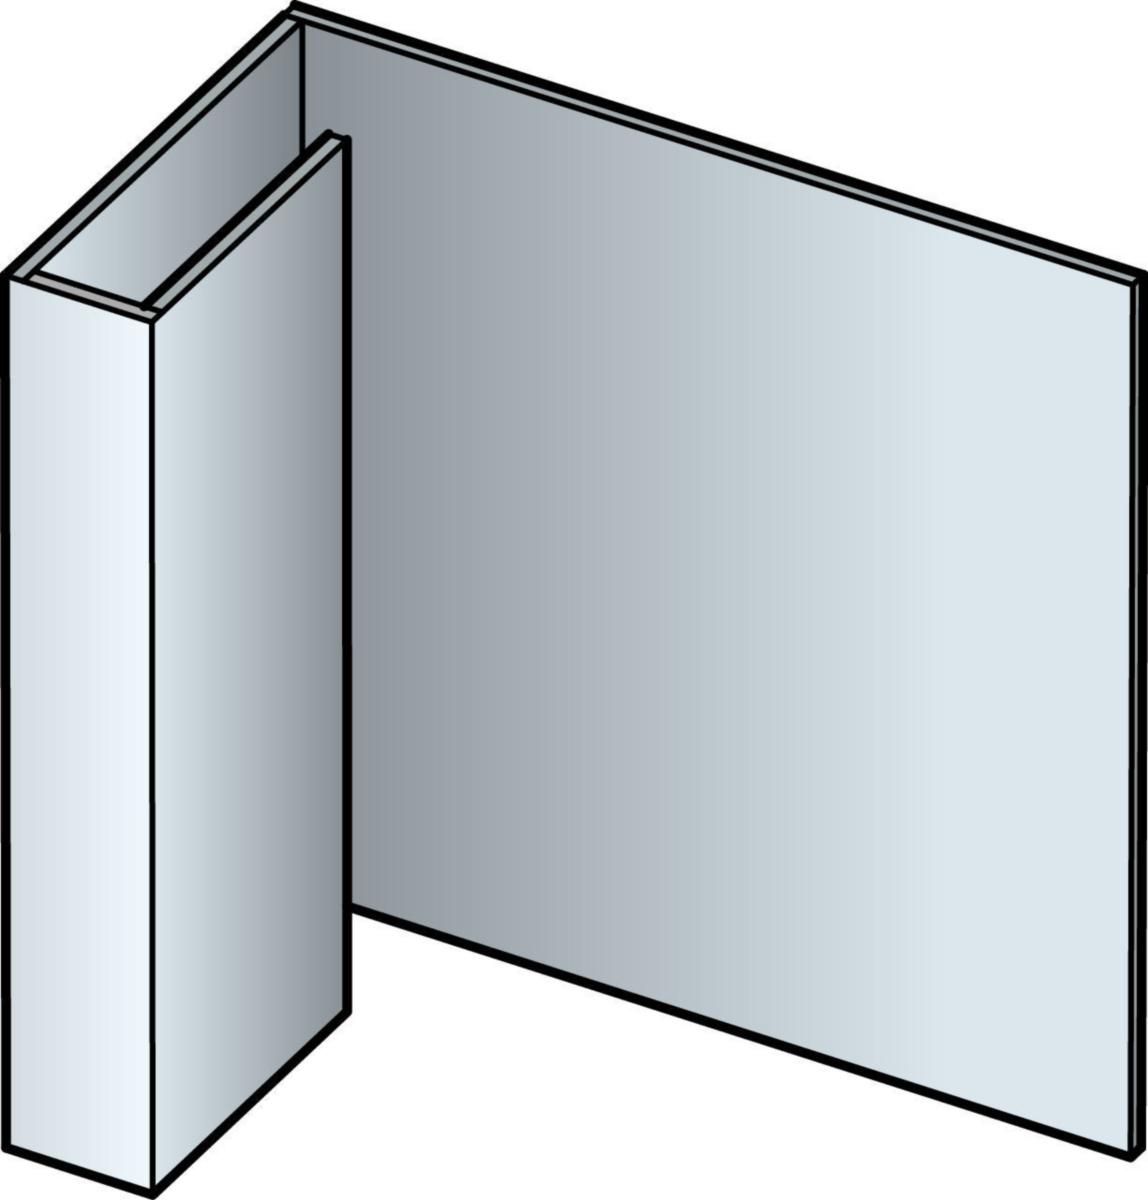 Accessoire clin cedral lap profil d'arrêt alu coloré 3.00ml - coloris C11 à C62 - réf 22